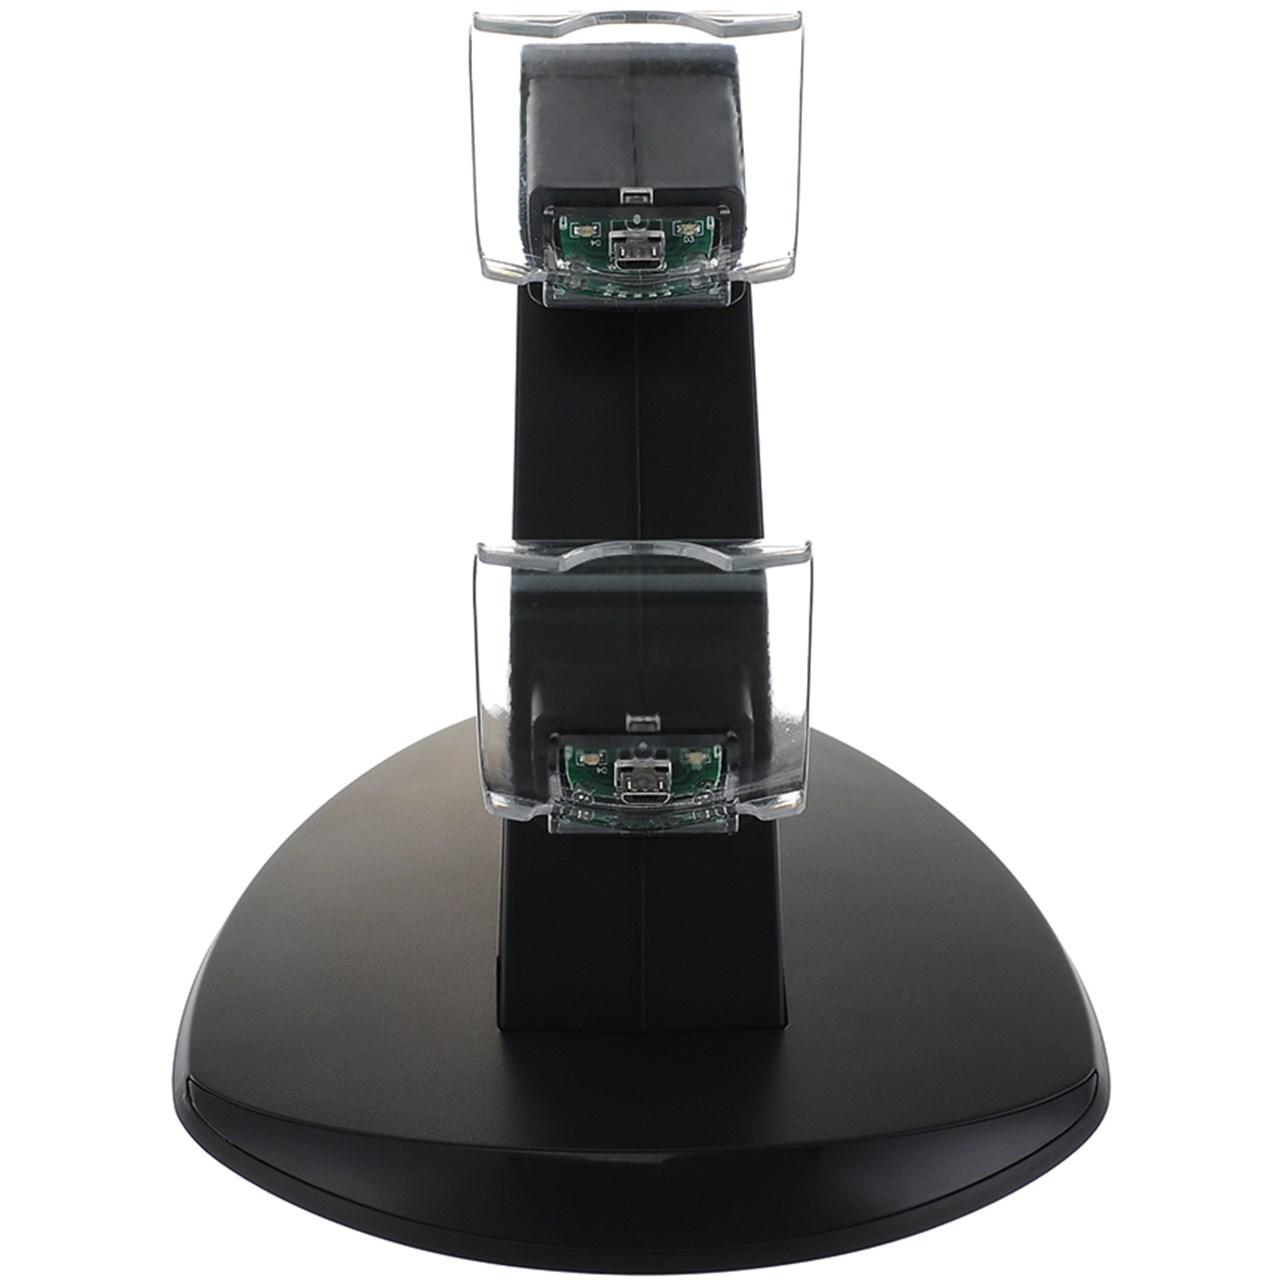 پایه شارژر یو اس بی مناسب برای دسته ی پلی استیشن 4